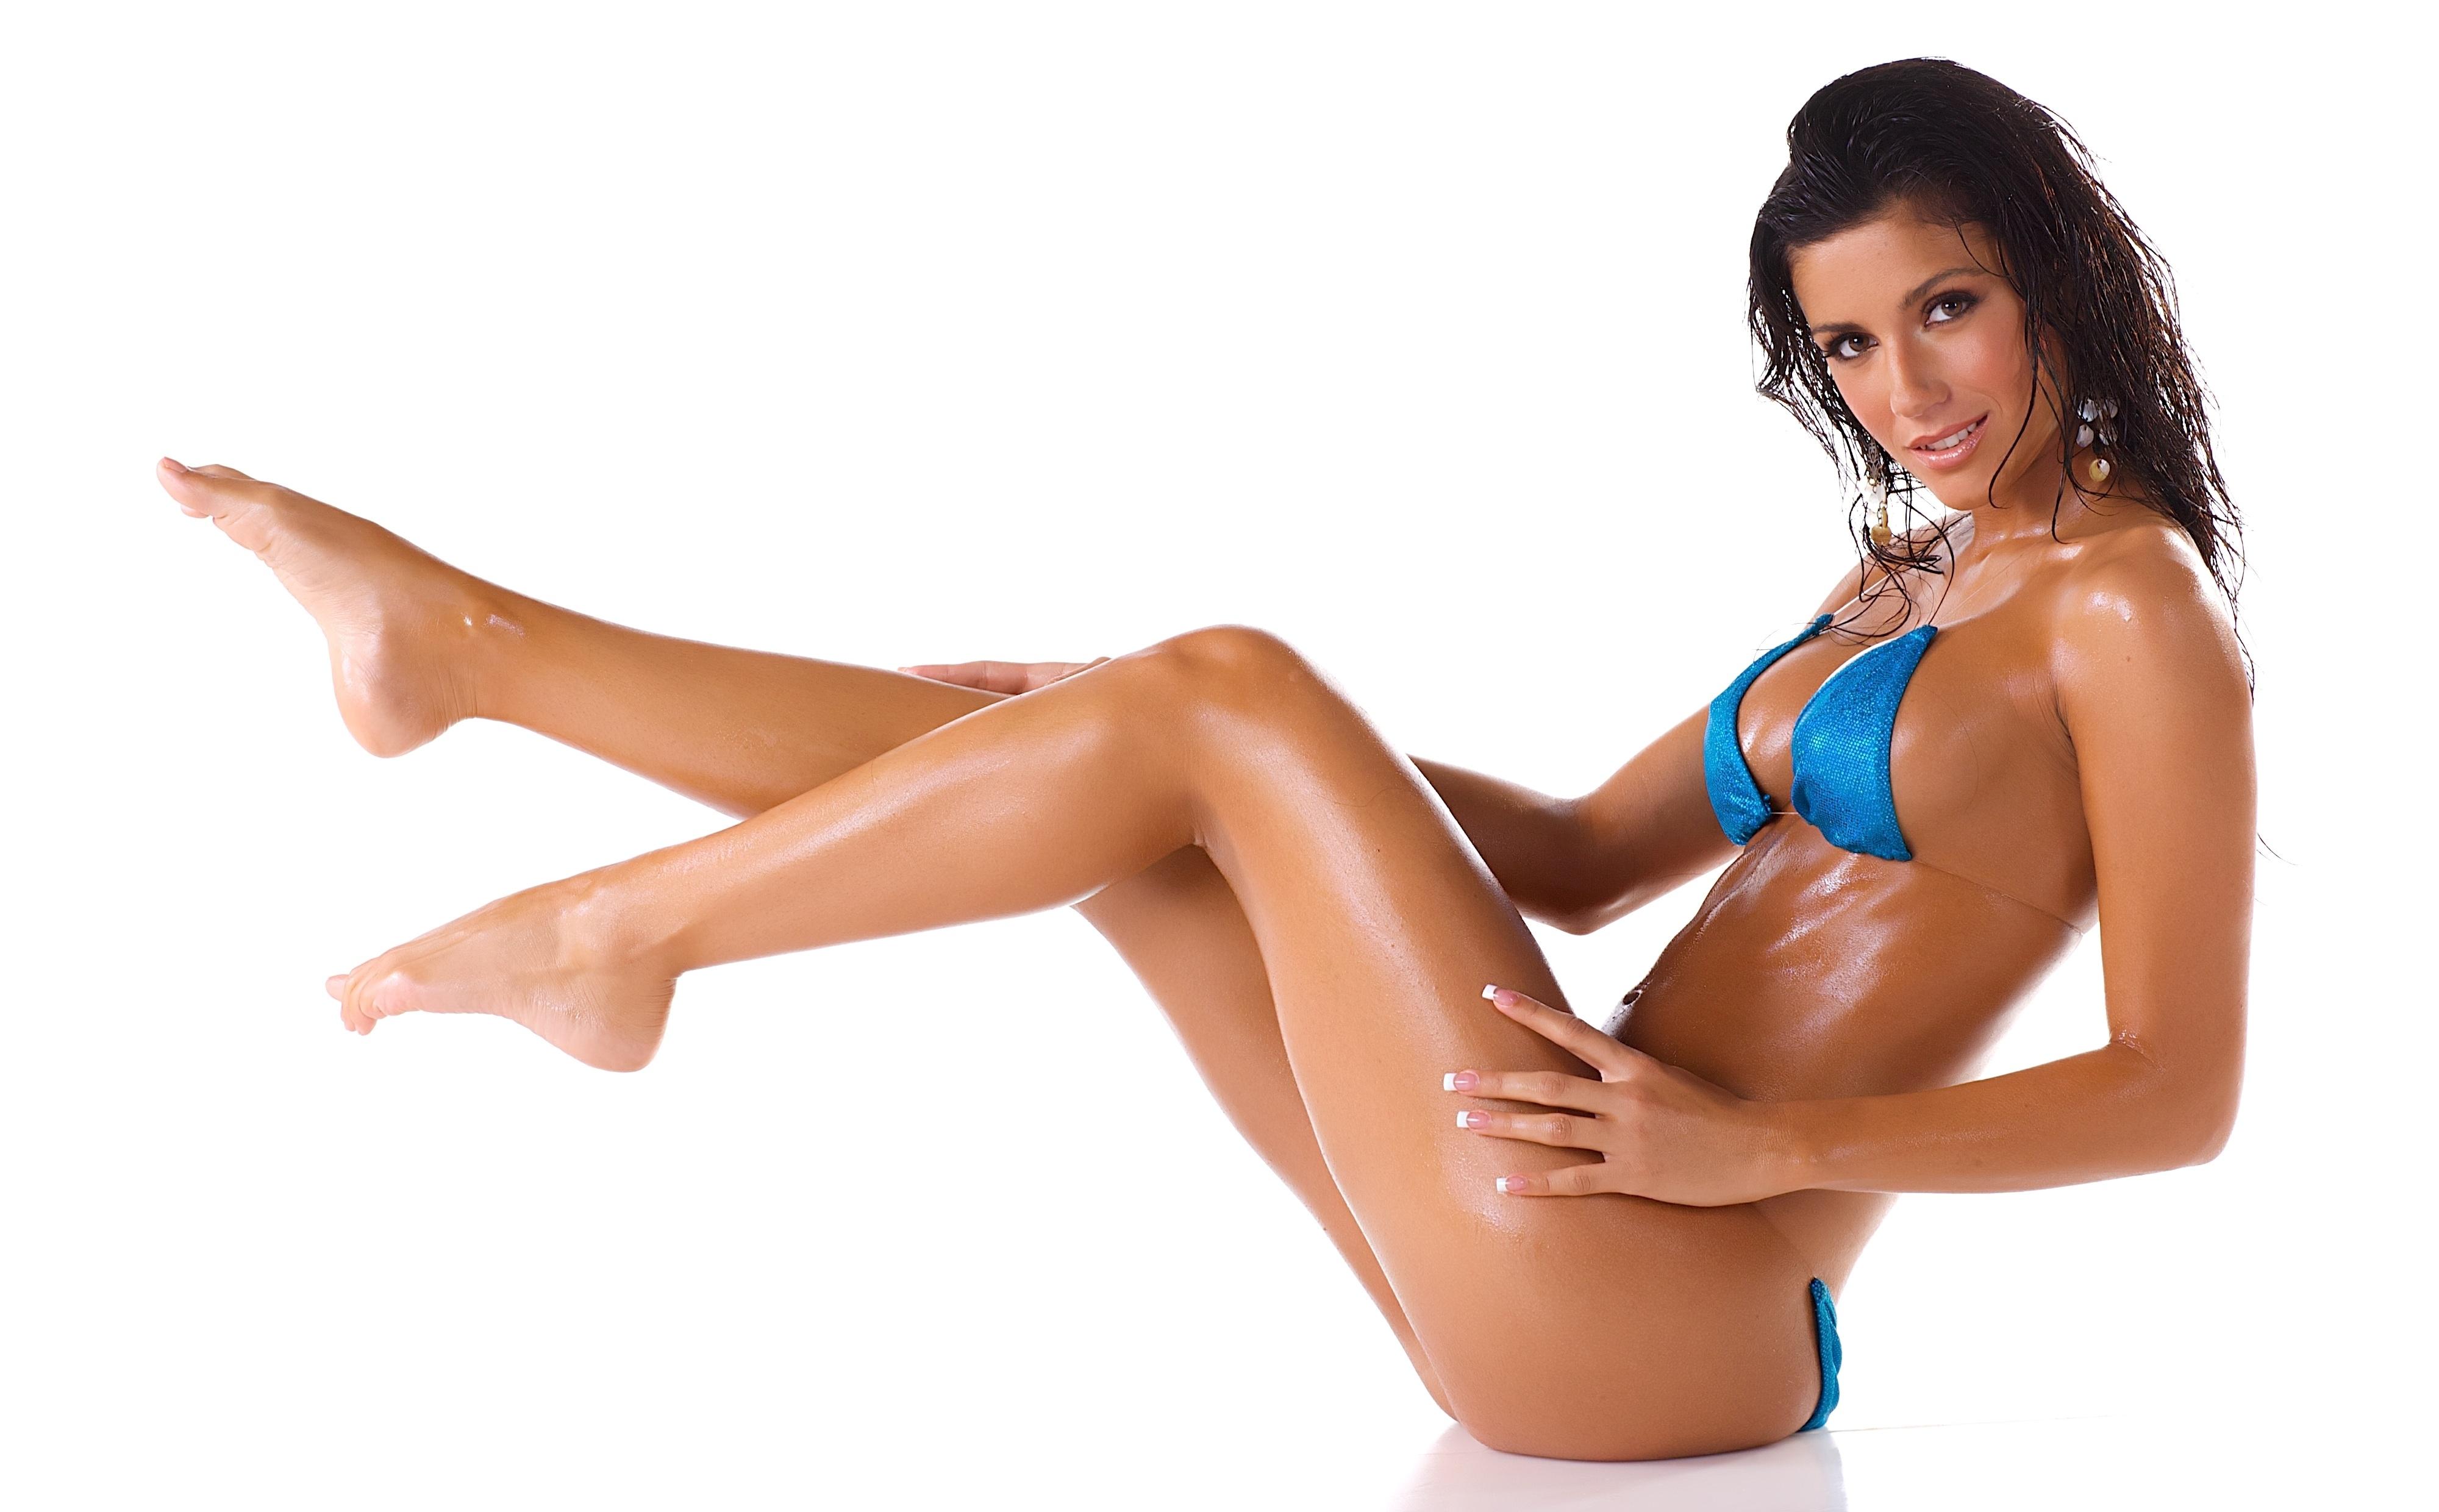 download photo 4000x2480 isabella milan bru te sexy